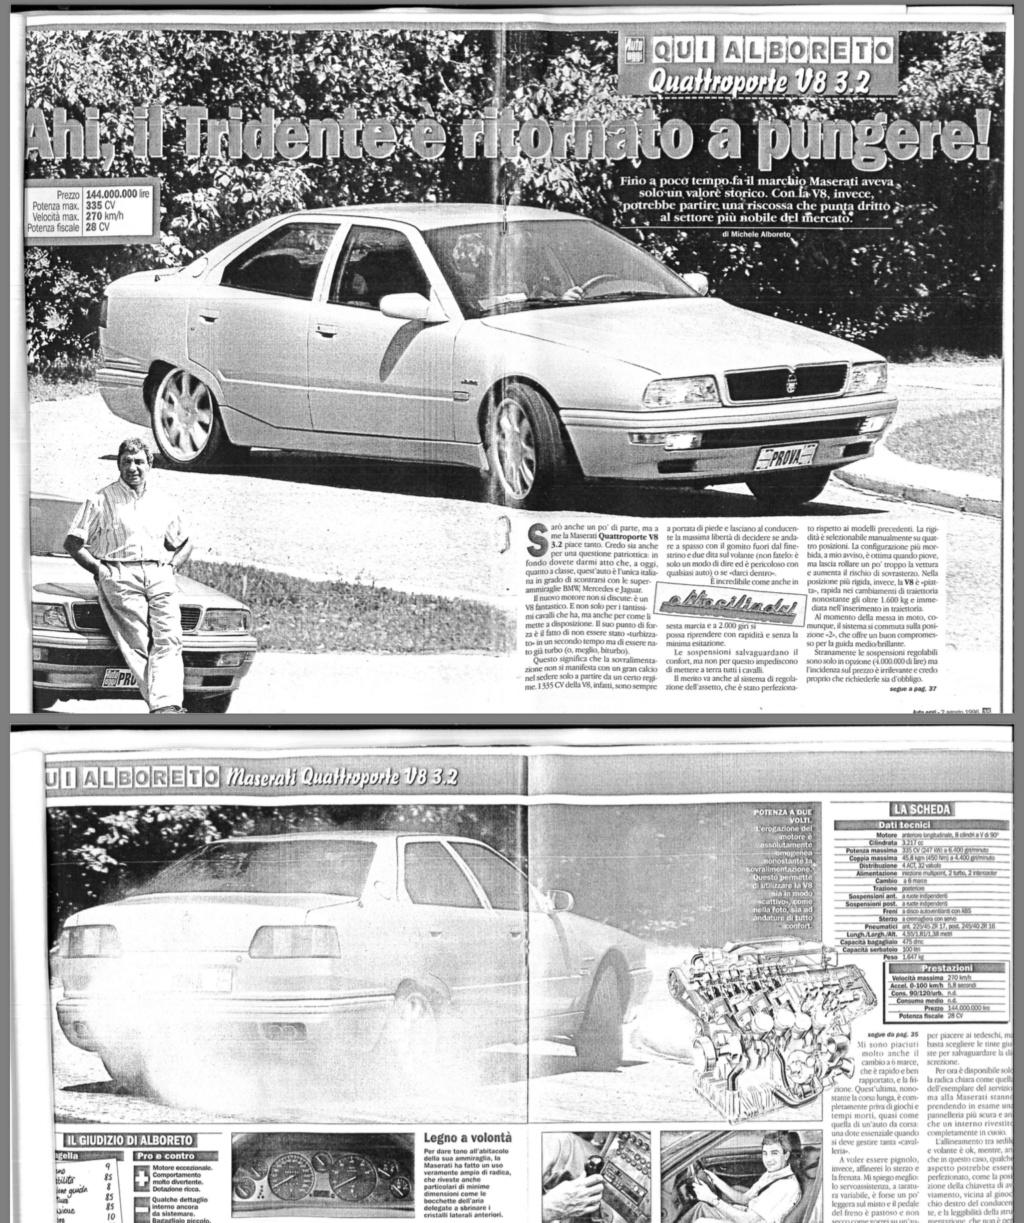 maserati quattroporte IV, DeTomaso o Fiat? - Pagina 3 Df8ab010